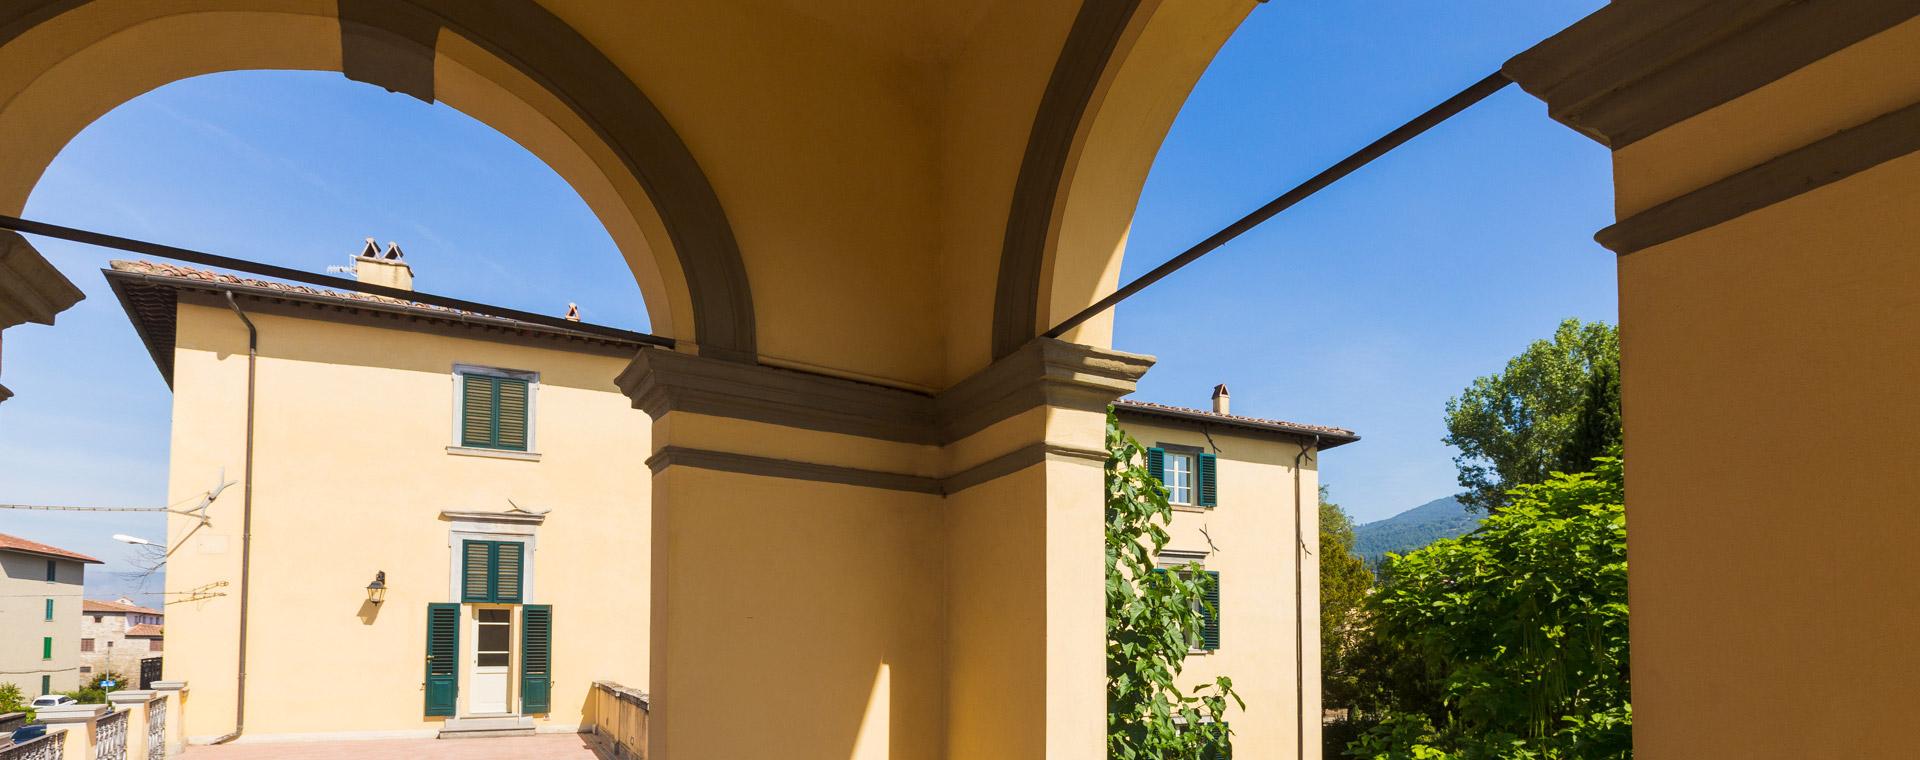 Residenza d'epoca vendita in Toscana